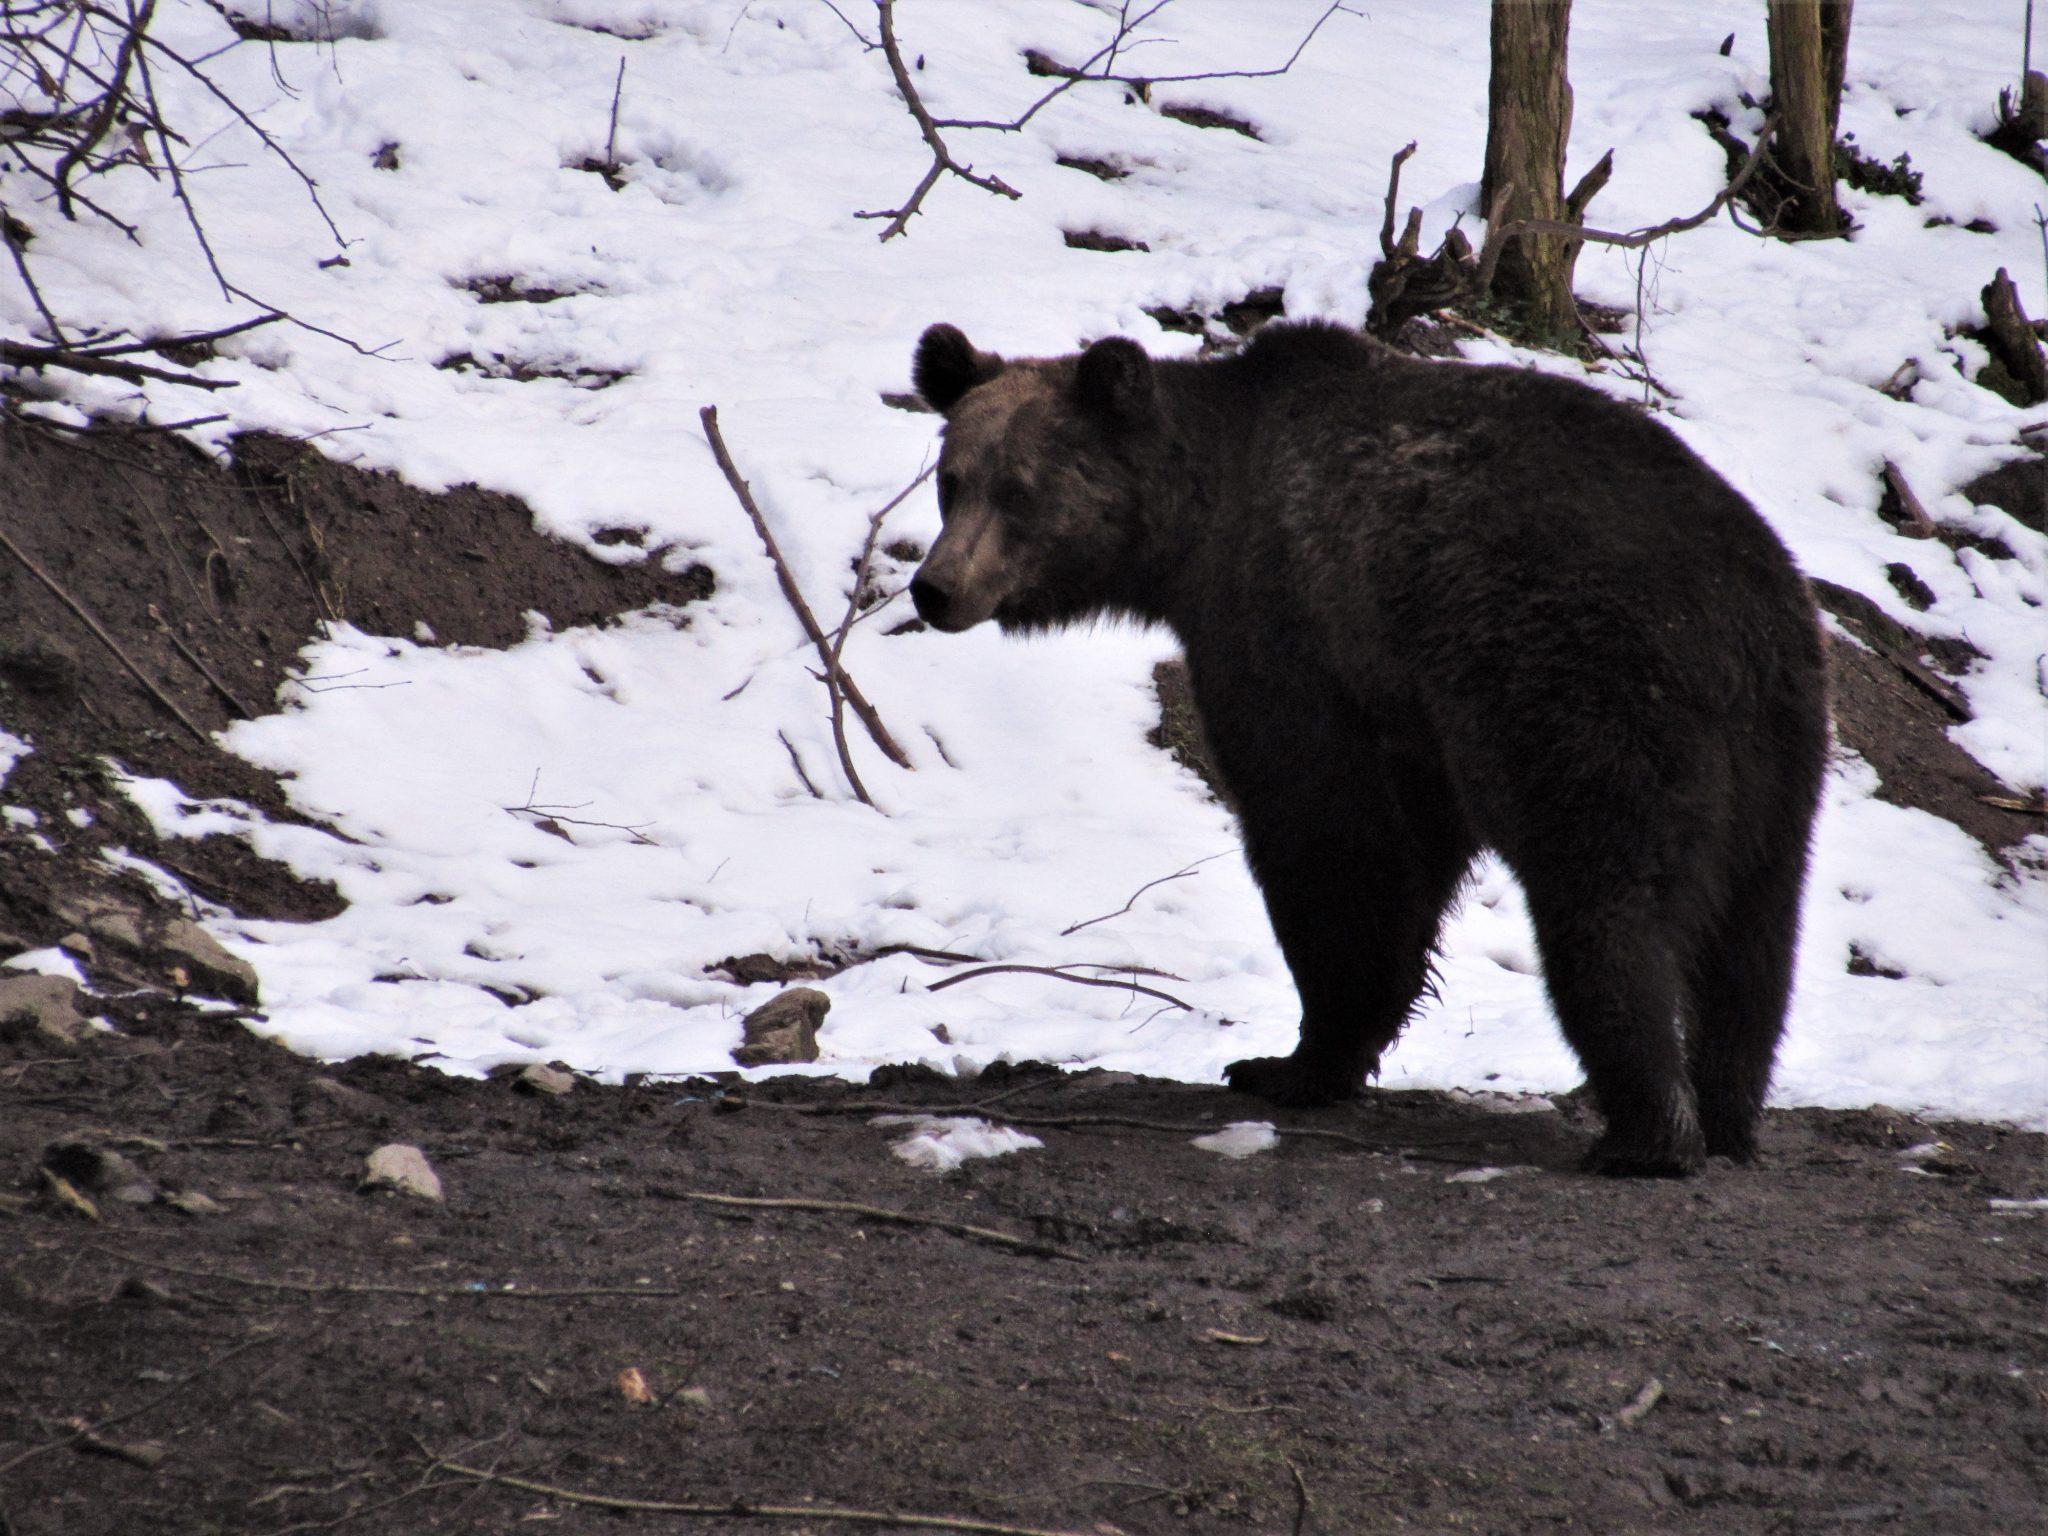 Brown bear watching in Sinca Noua